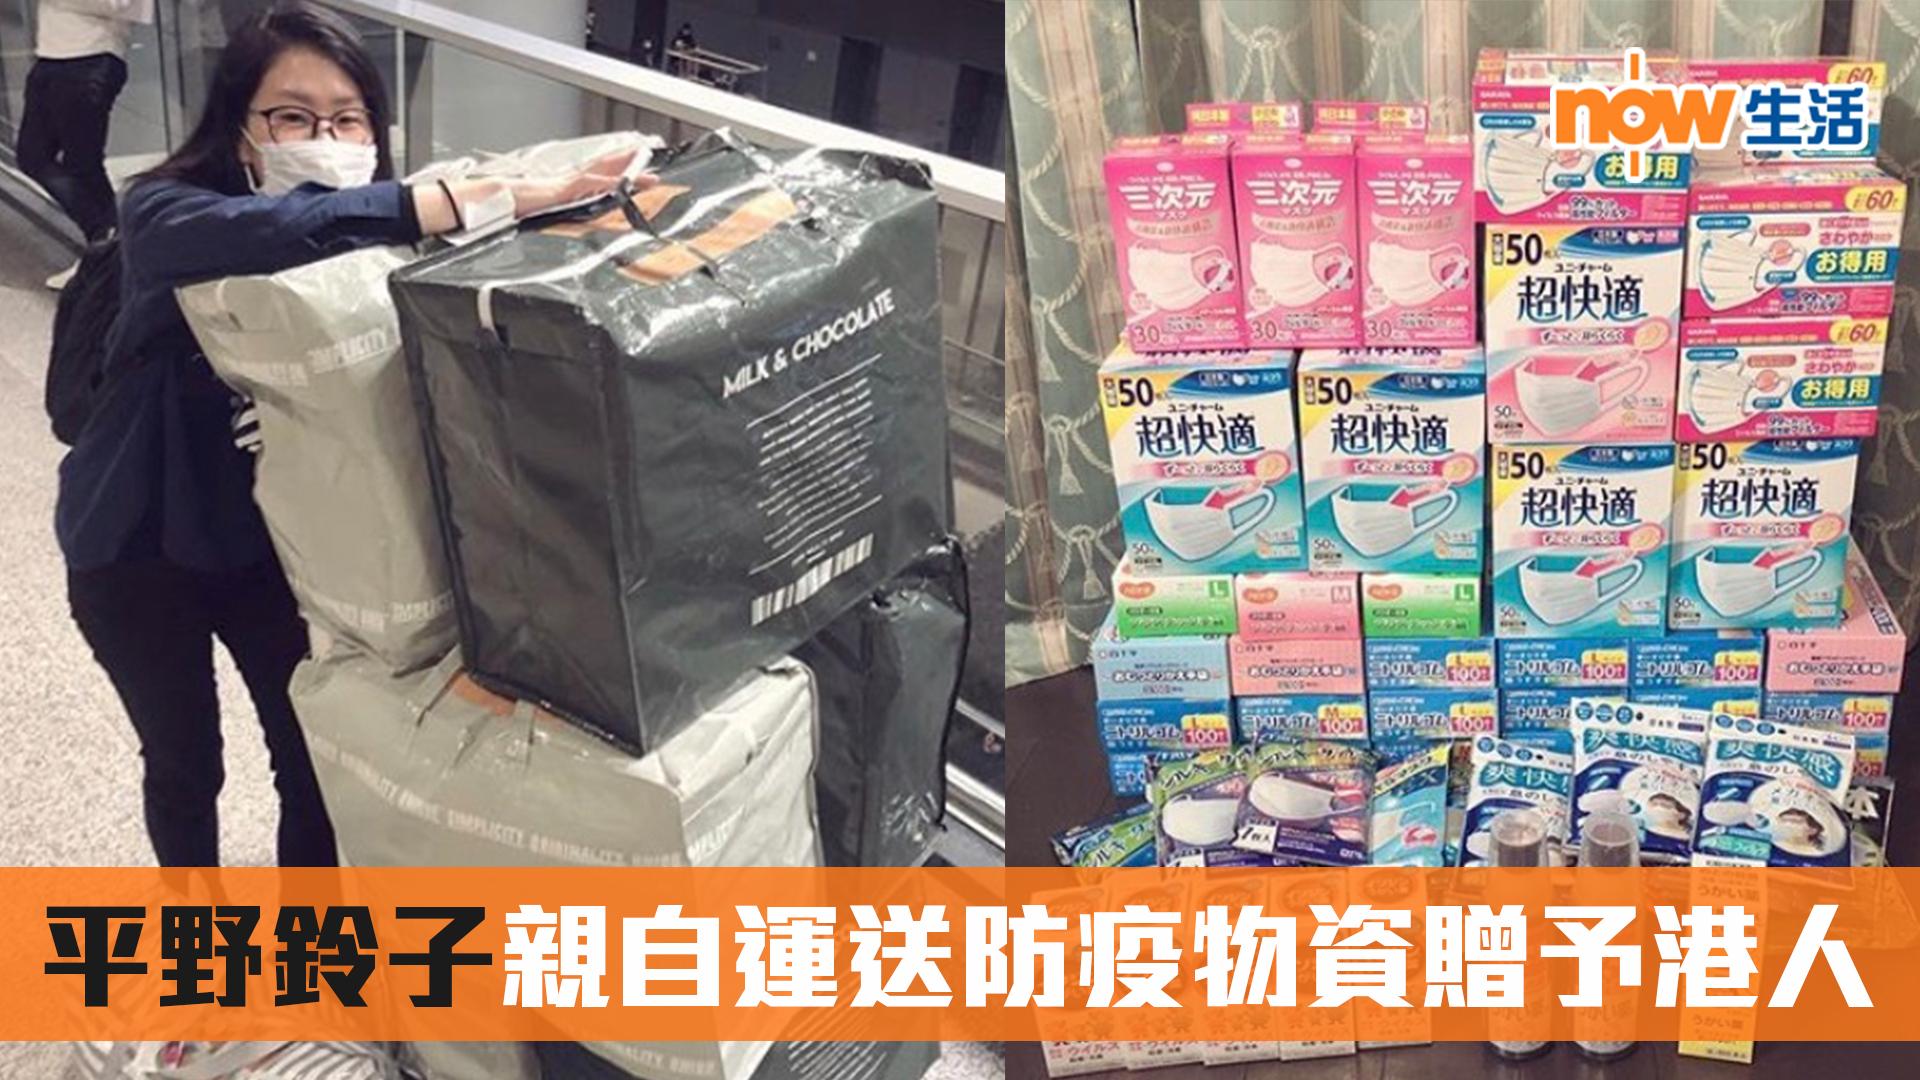 【武漢肺炎】日本「手足」平野鈴子親自運送防疫物資贈予港人